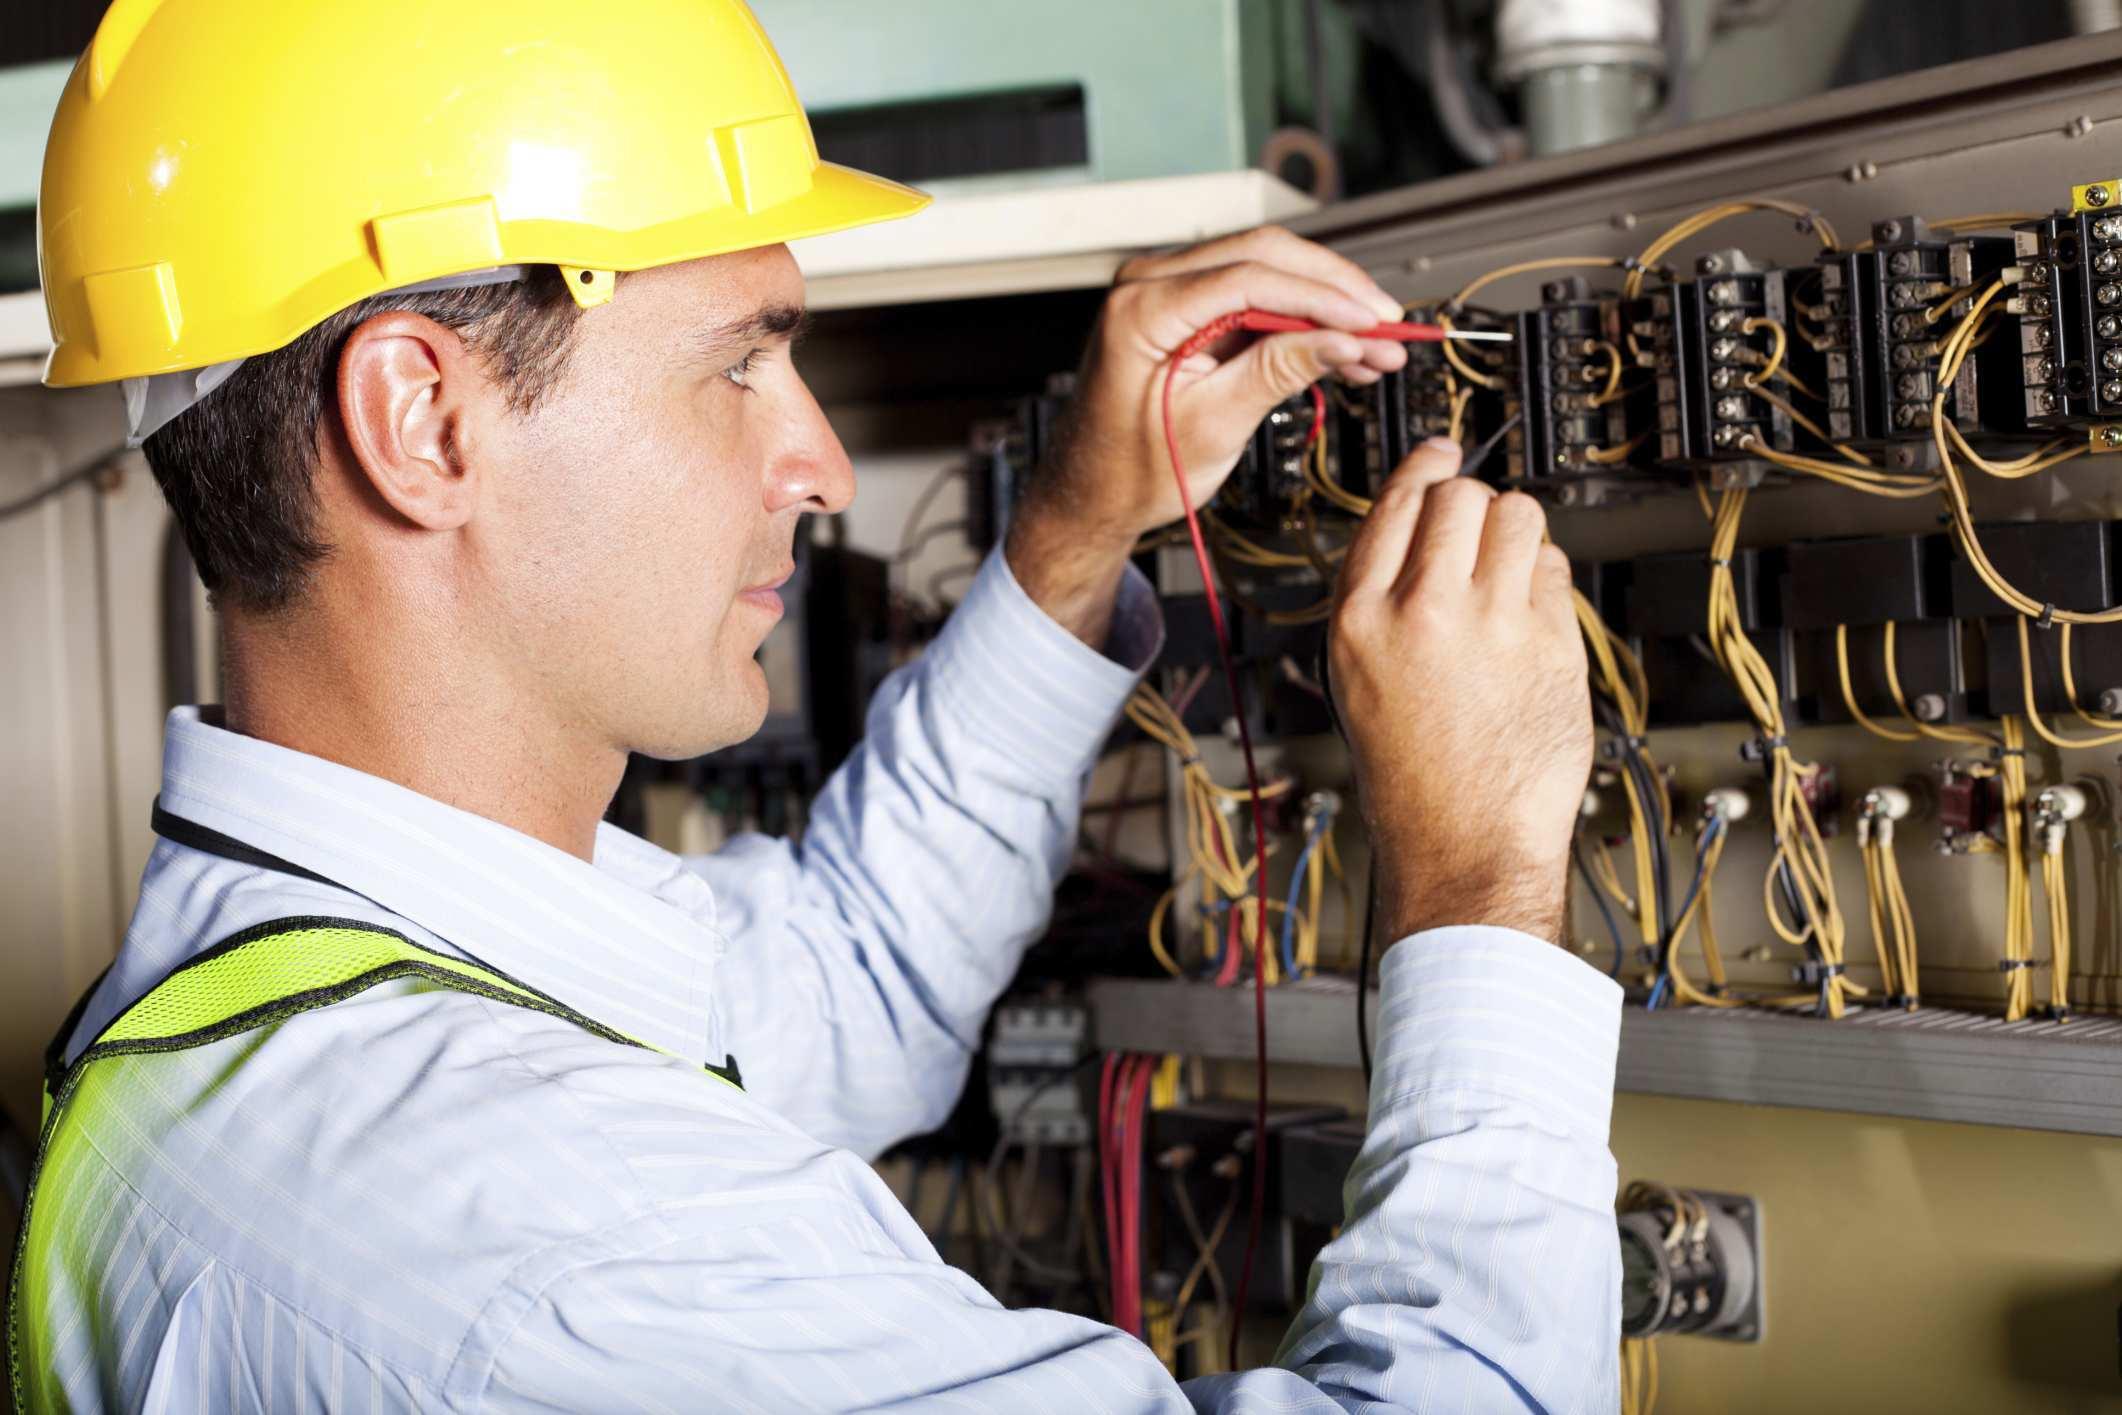 CERTIFICADO DE INSTALACION ELECTRICA